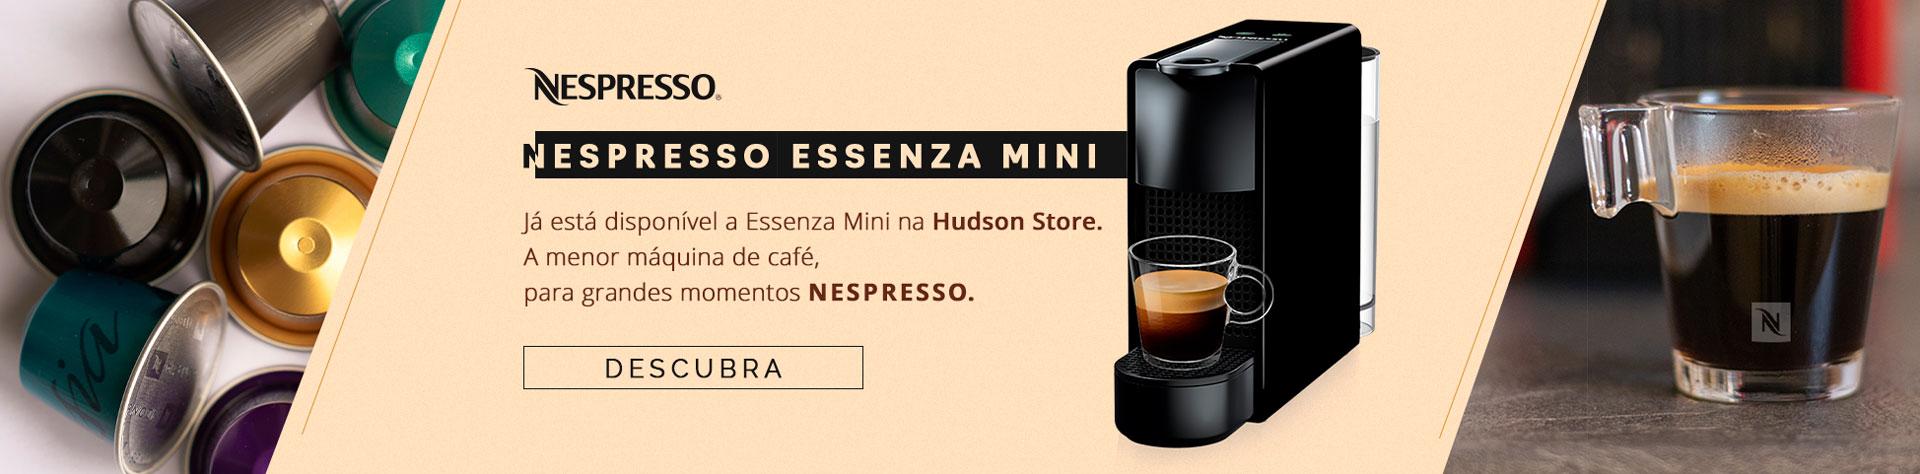 Nespresso Mini Essenza